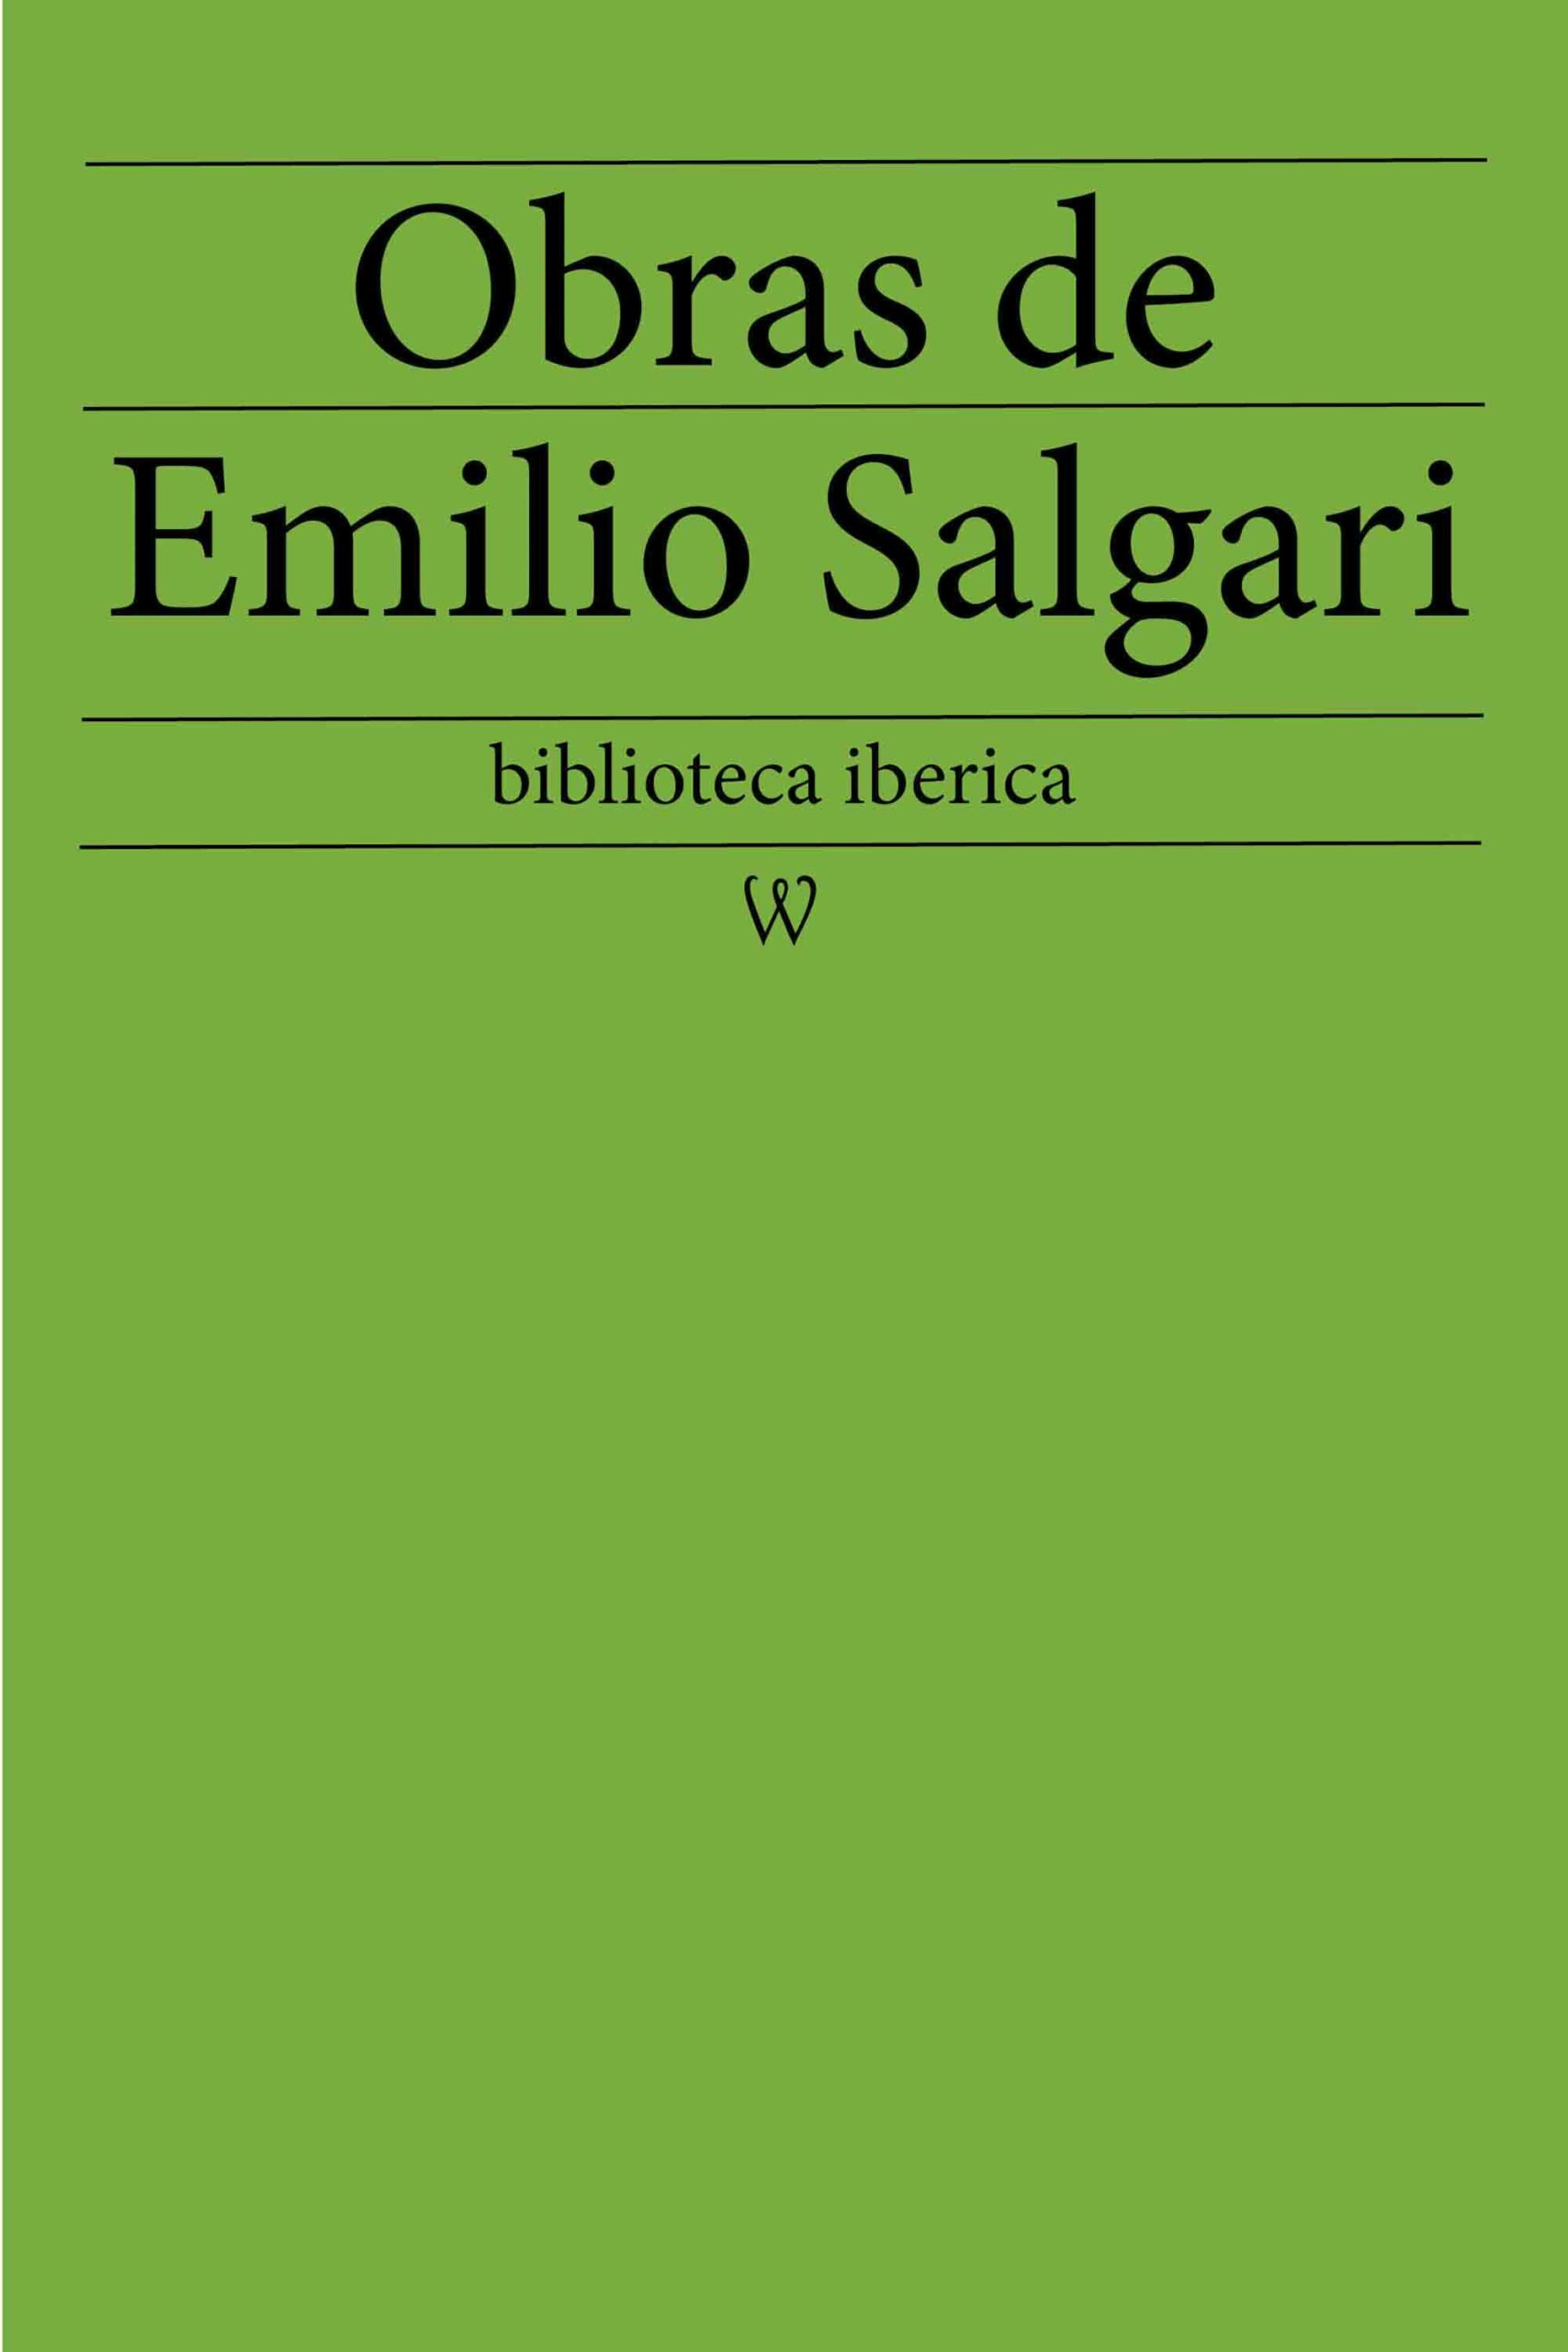 Obras de Emilio Salgari